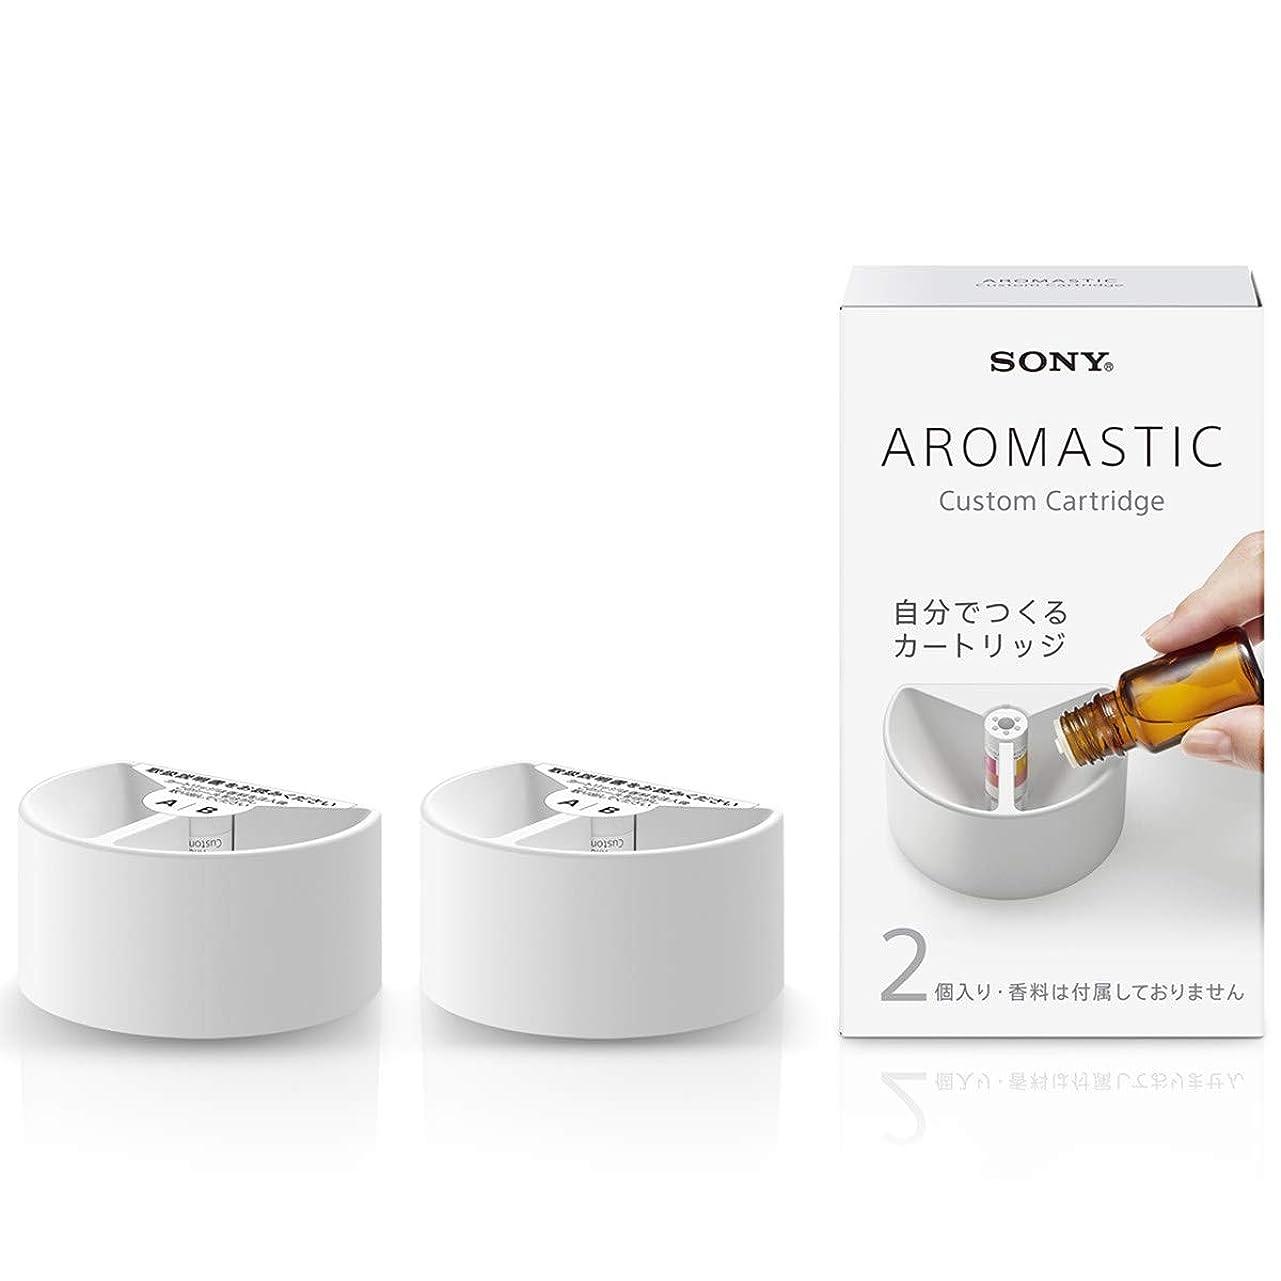 段落レモンクライストチャーチAROMASTIC Custom Cartridge(カスタムカートリッジ) OE-SC001